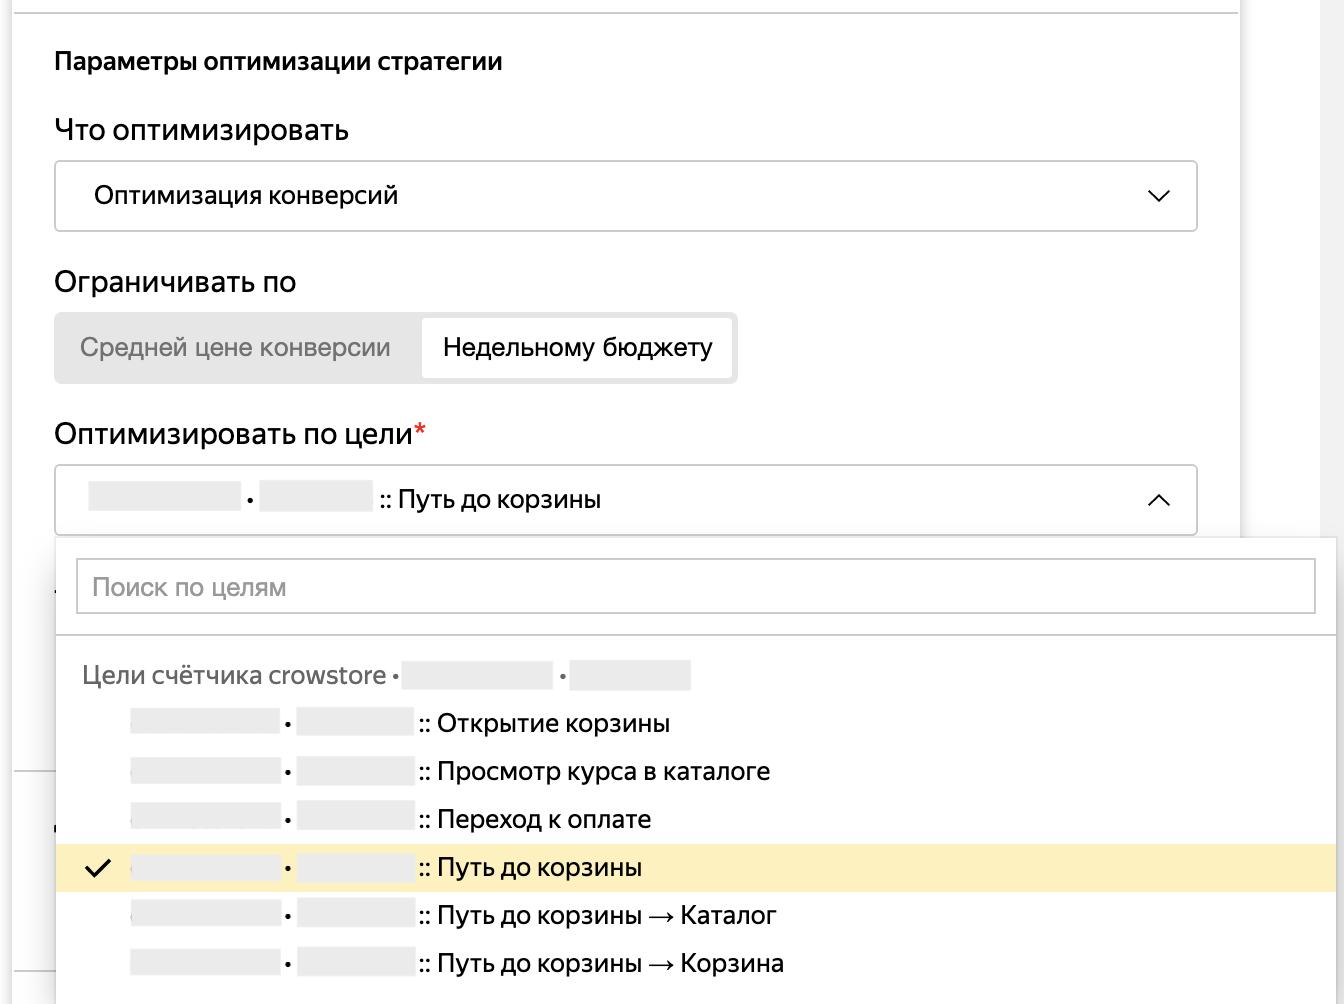 Яндекс.Директ представил два новых способа управления автостратегиями